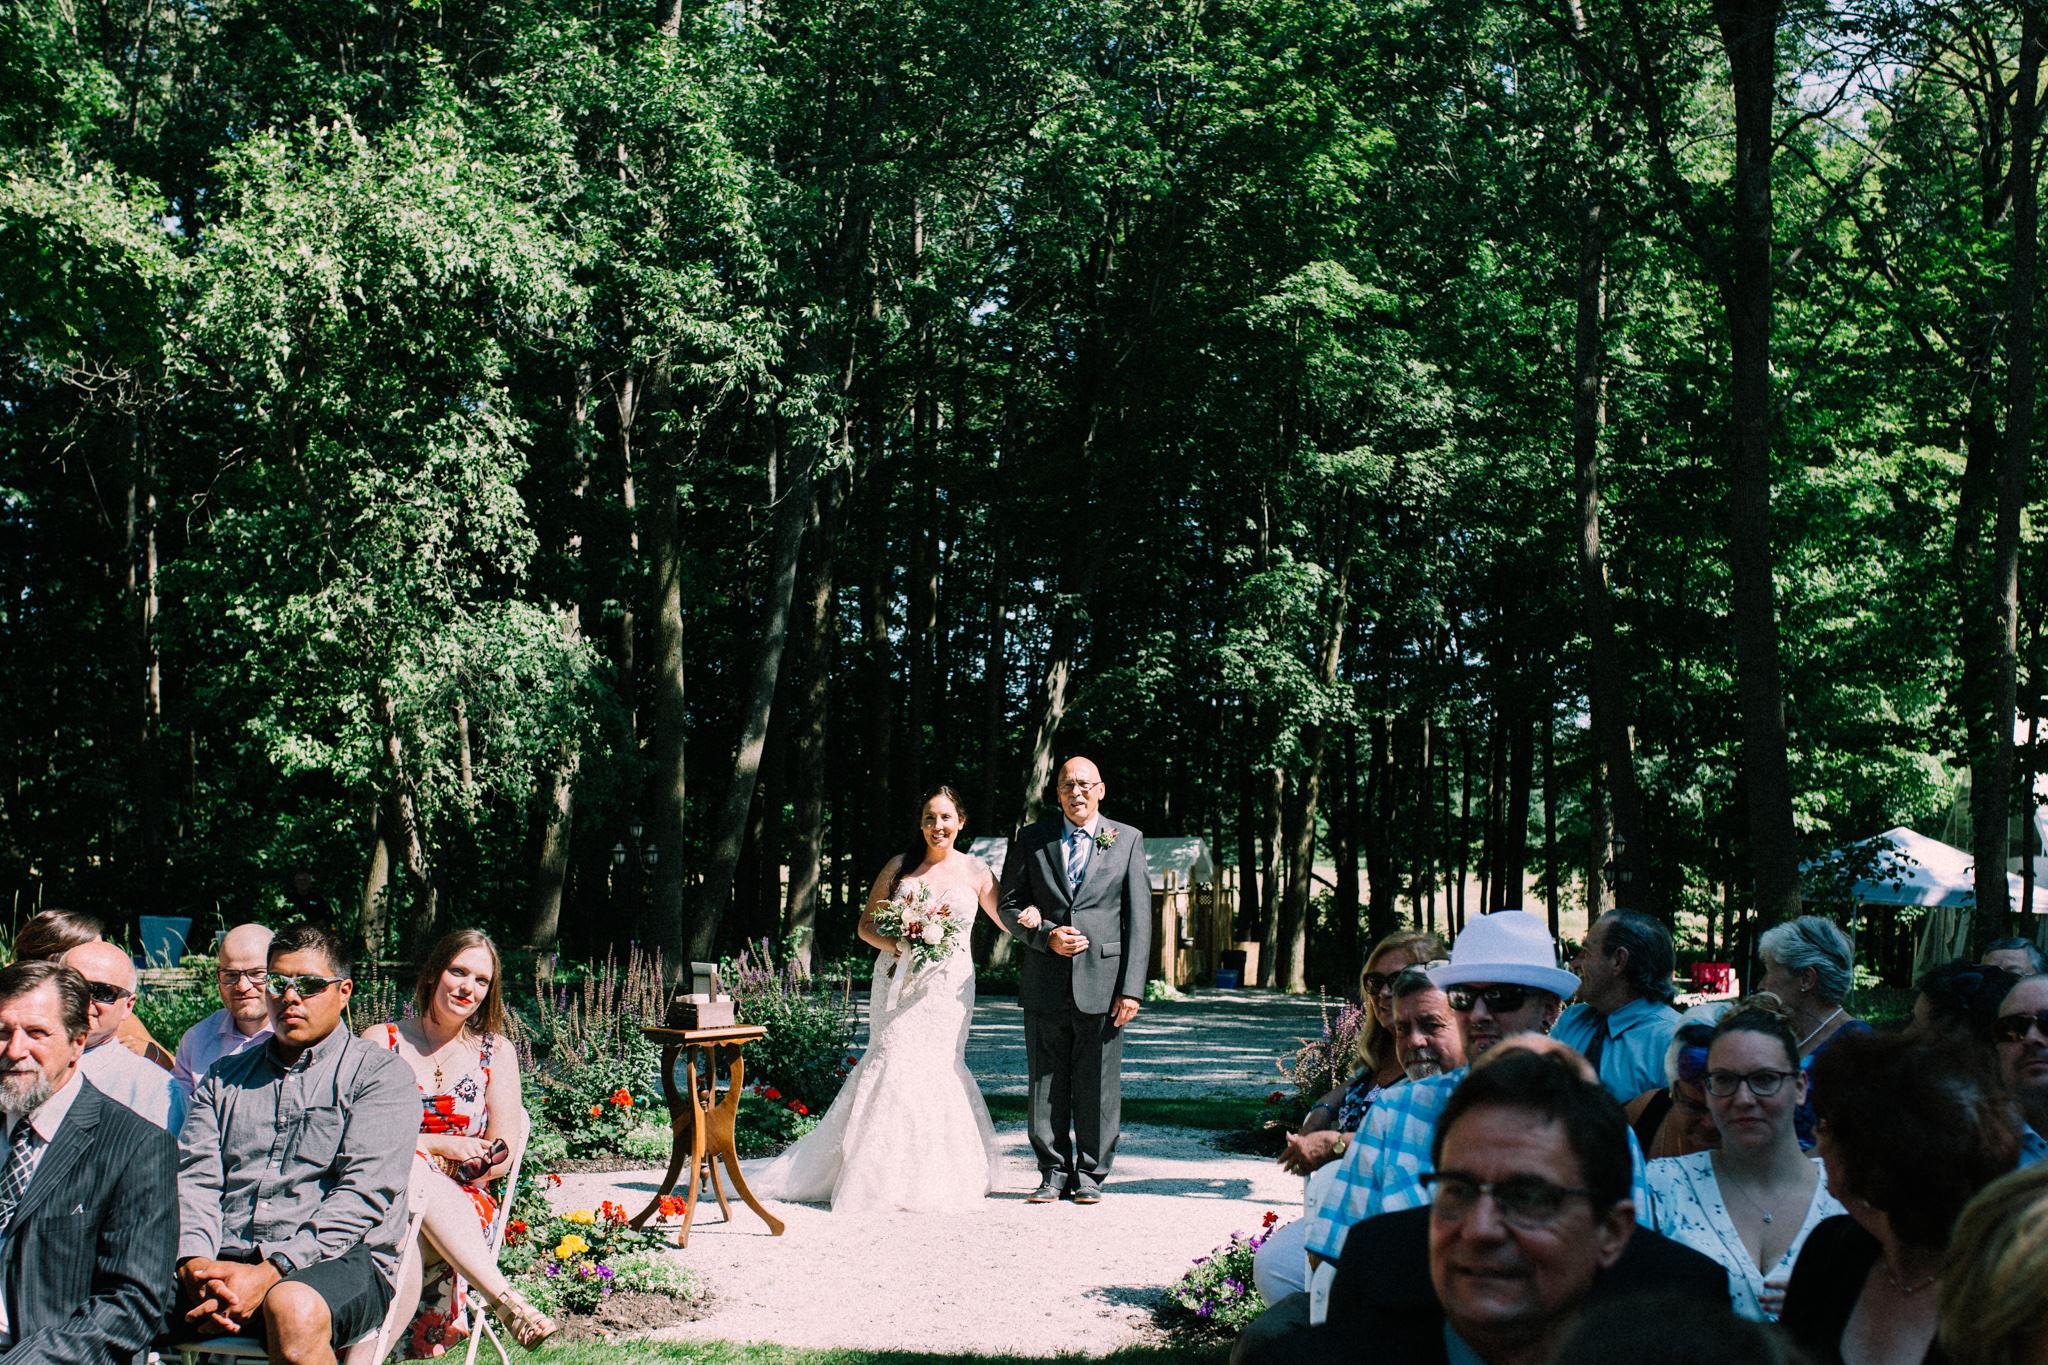 Orillia summer wedding at Northbrook Farms by Max Wong Photo (24)